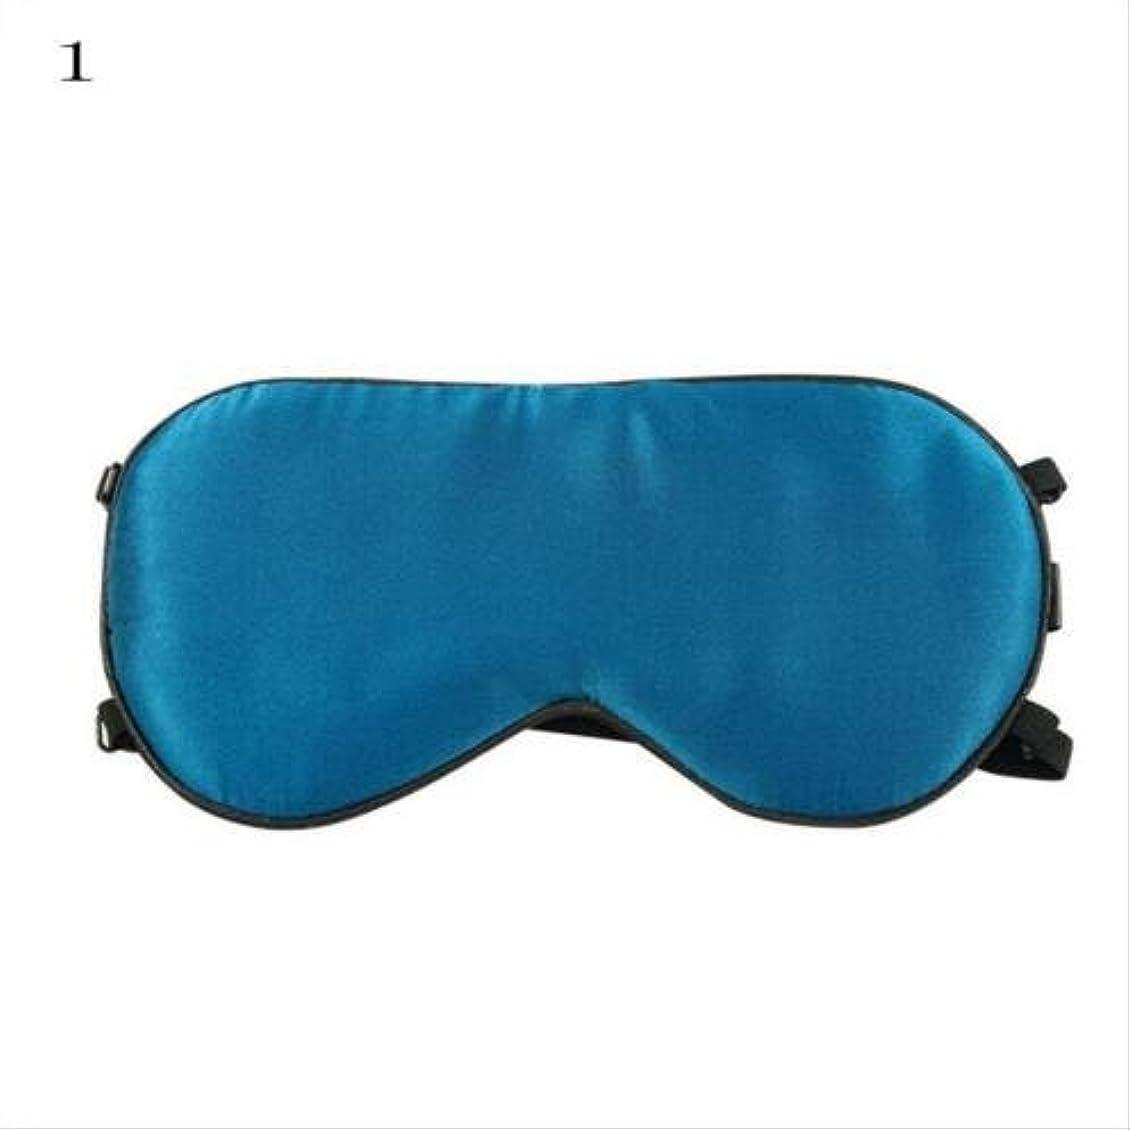 まっすぐにするクローンファンシーNOTE 高級100%シルクポータブル旅行睡眠アイマスク休息補助ソフトカバーアイパッチアイシェード睡眠マスクケースMR096